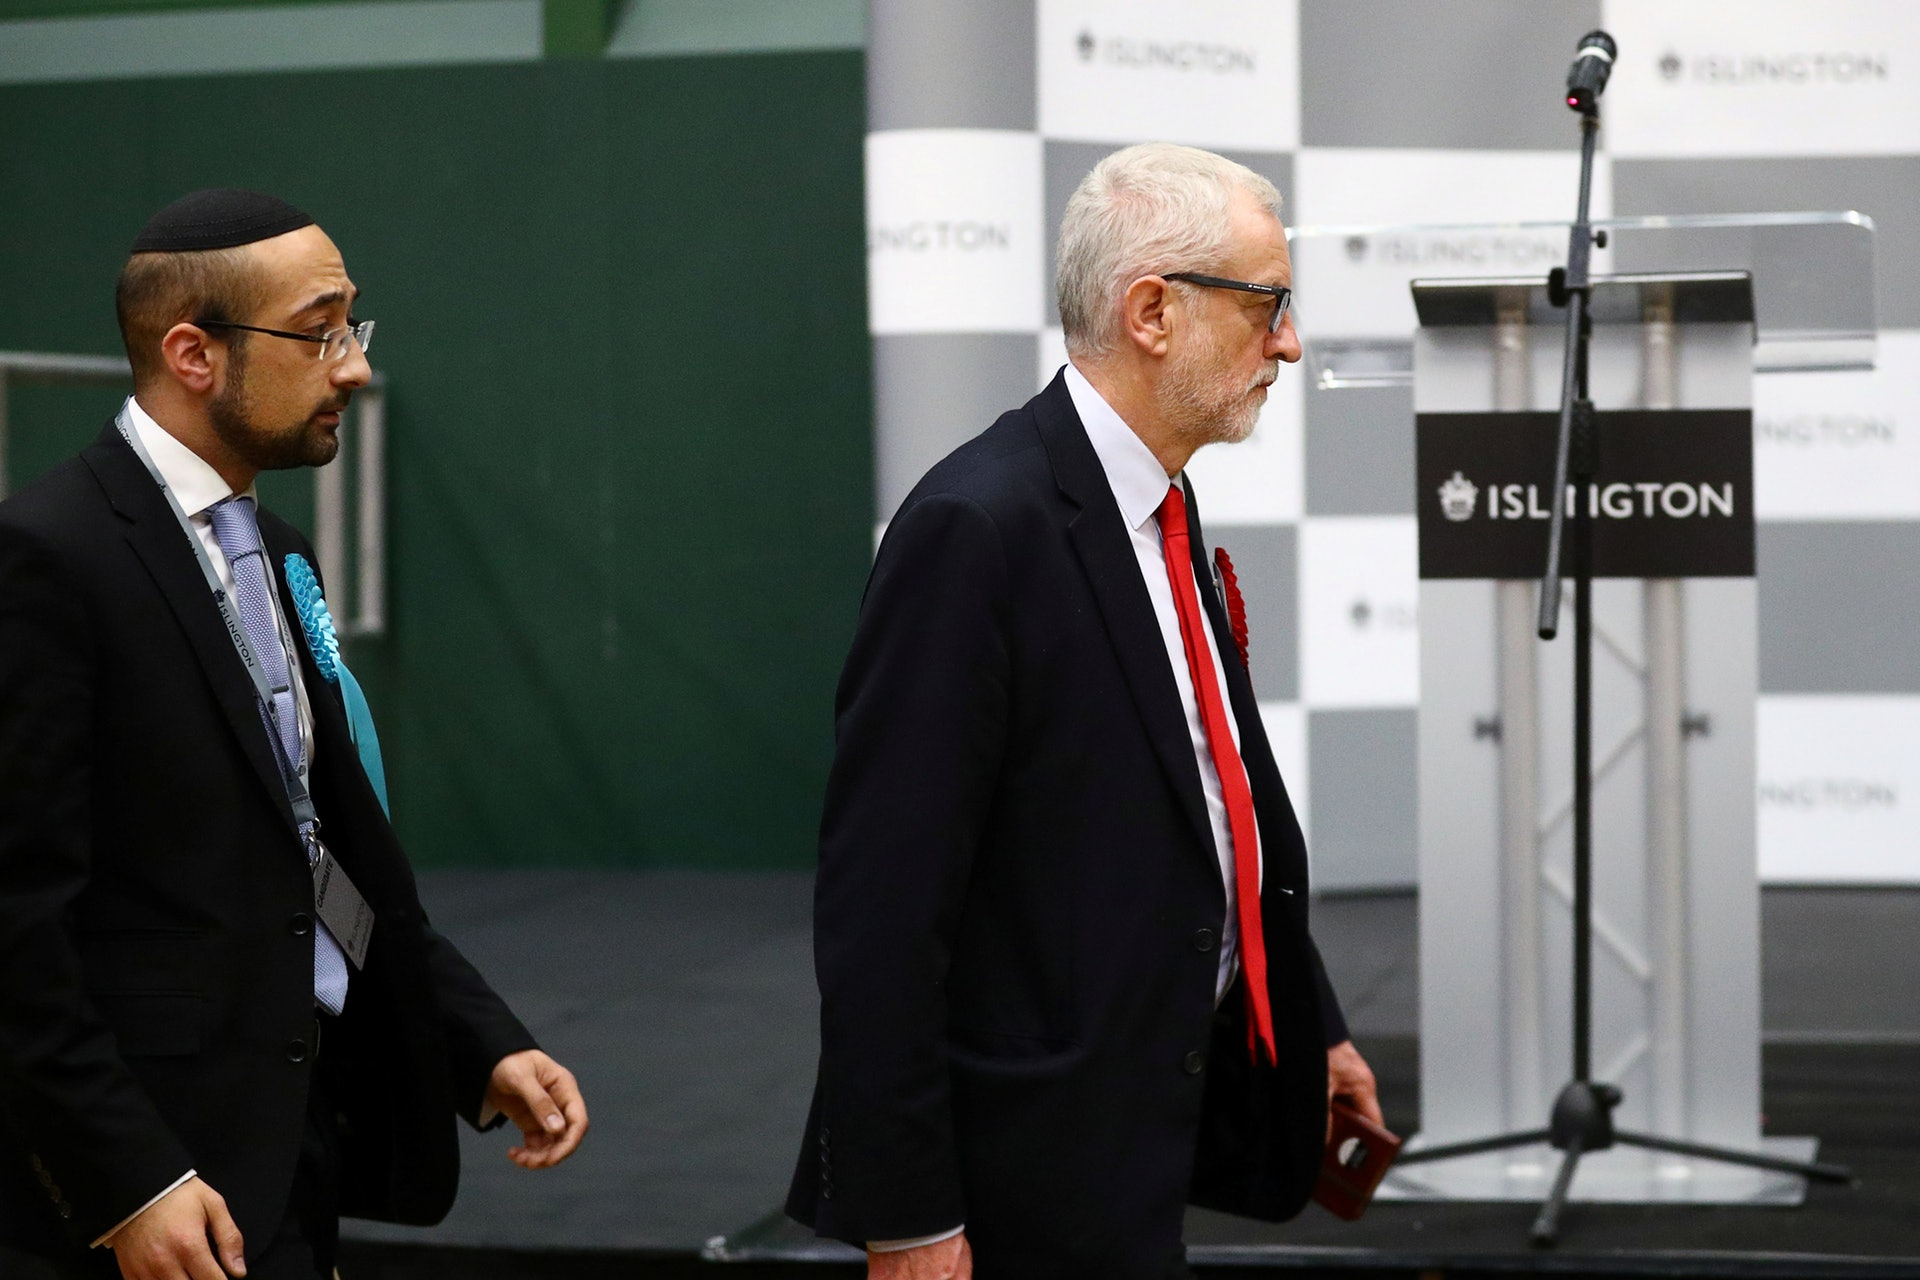 英國工黨落敗後,黨魁郝爾彬表示不會再帶領黨參選。(路透社)